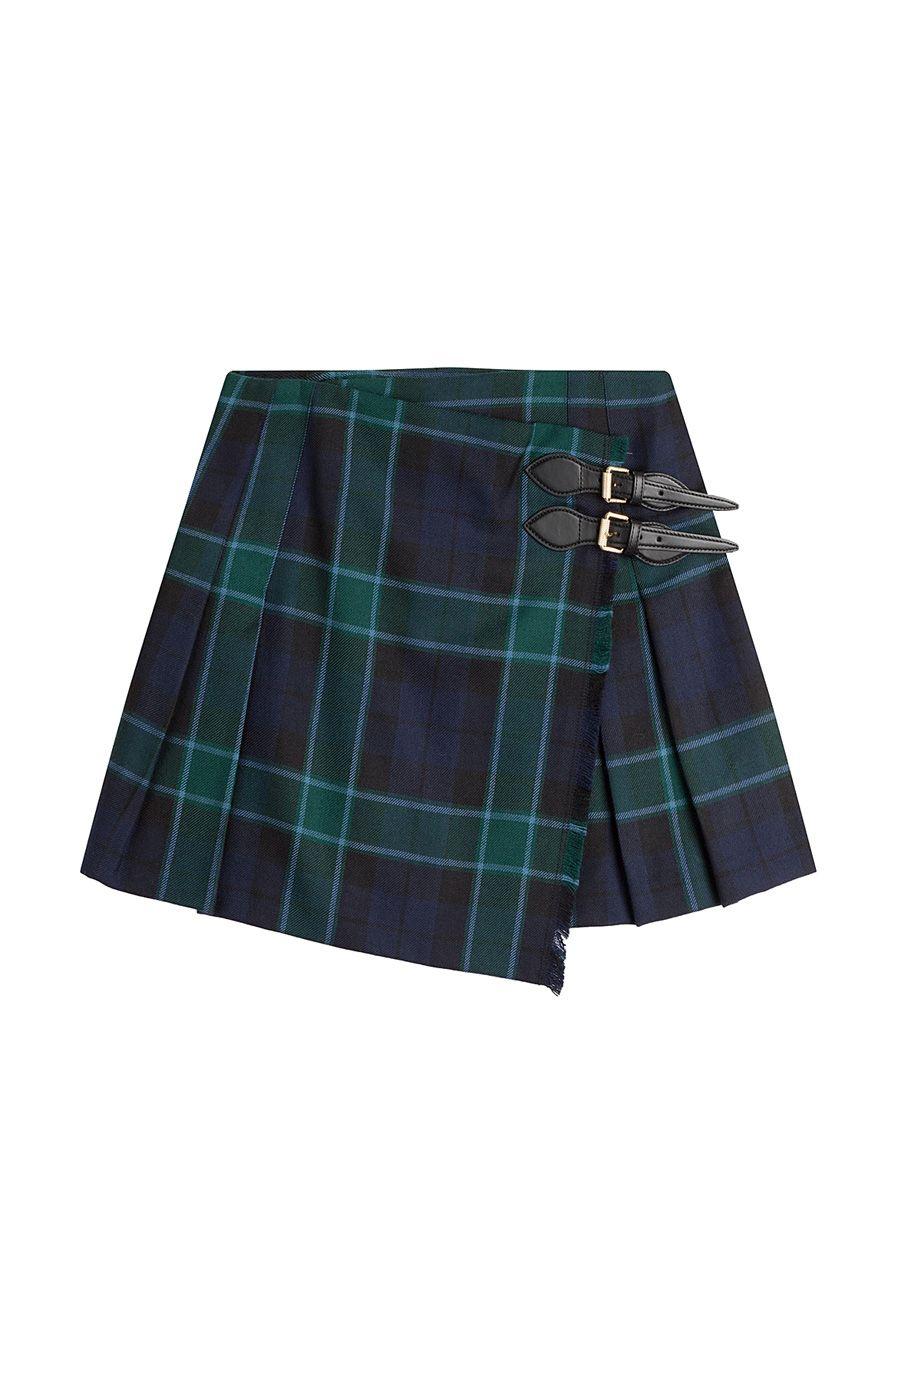 b86d3e2538 Green Pleated Tartan Skirt